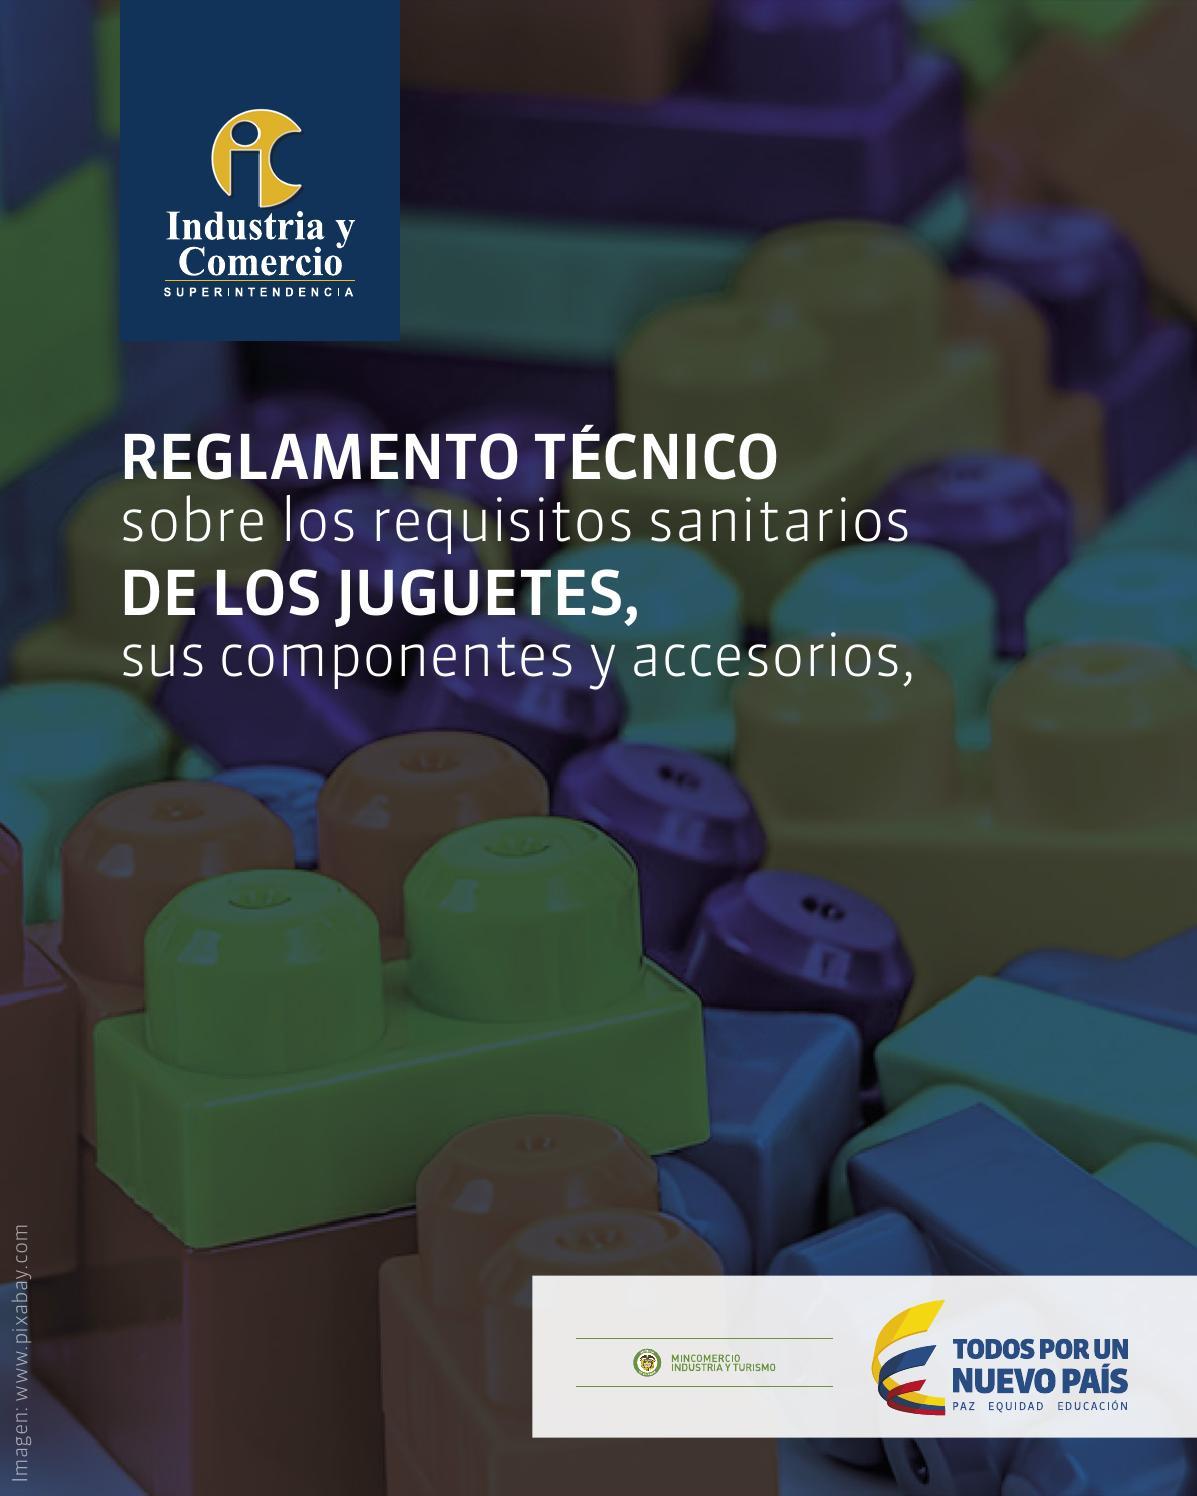 Rt juguetes combinado by Superintendencia de Industria y Comercio - issuu 521a8a60b06